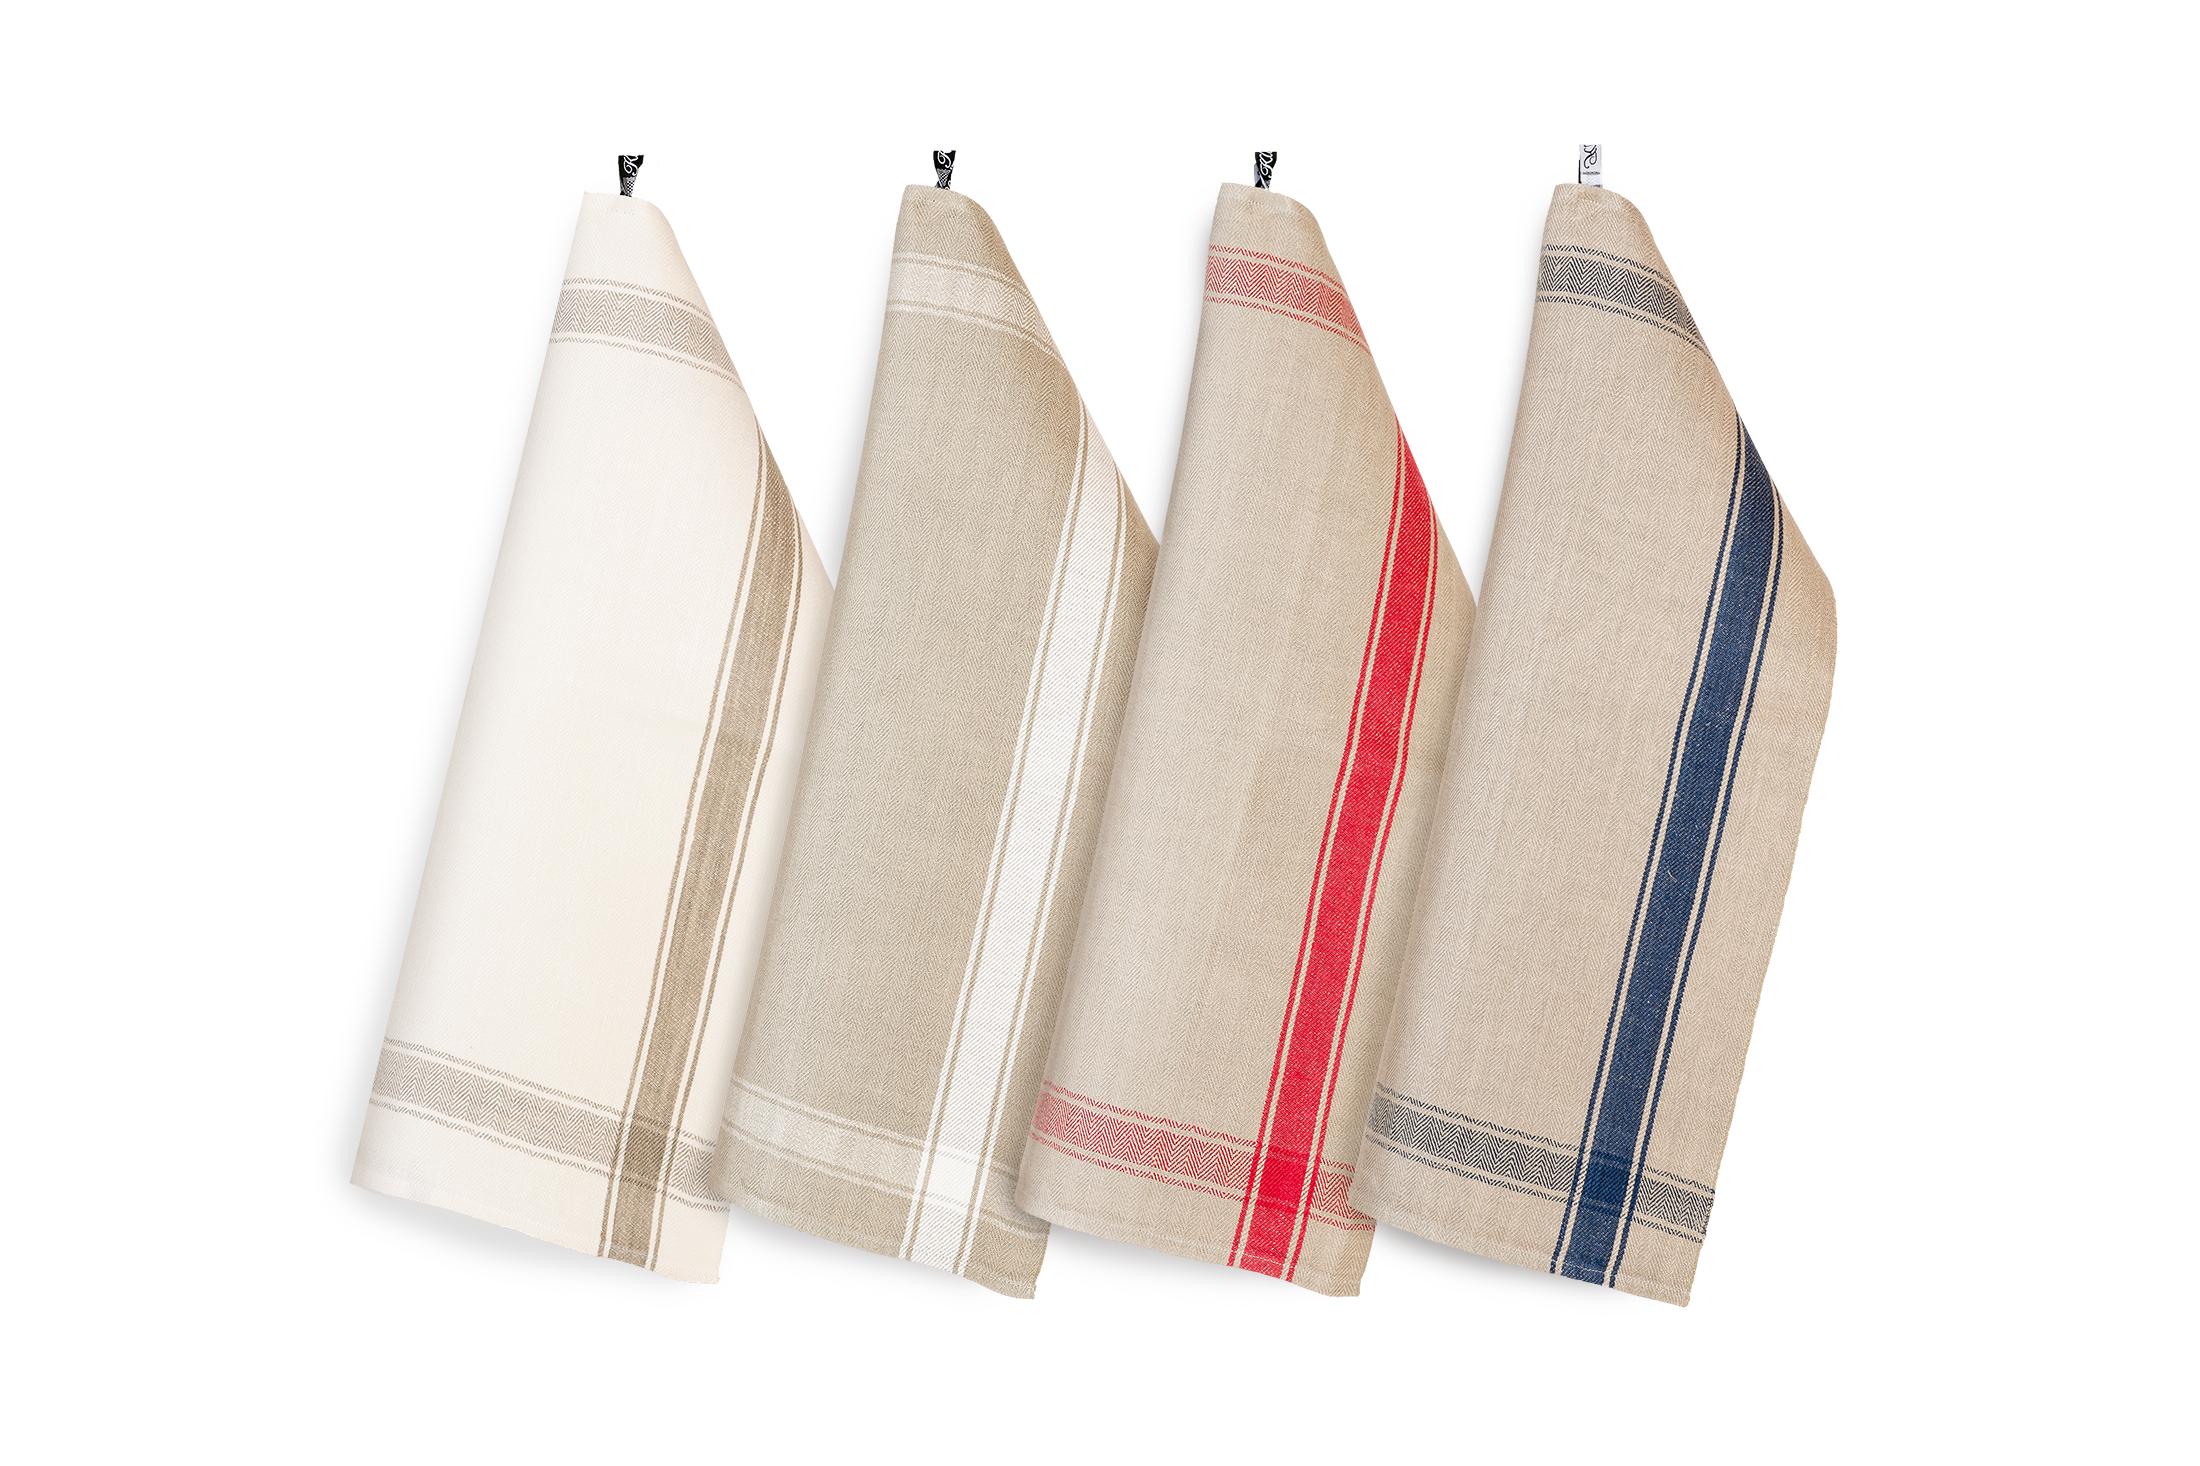 Allmoge handduk hellinne Klässbols linneväveri fyra upp